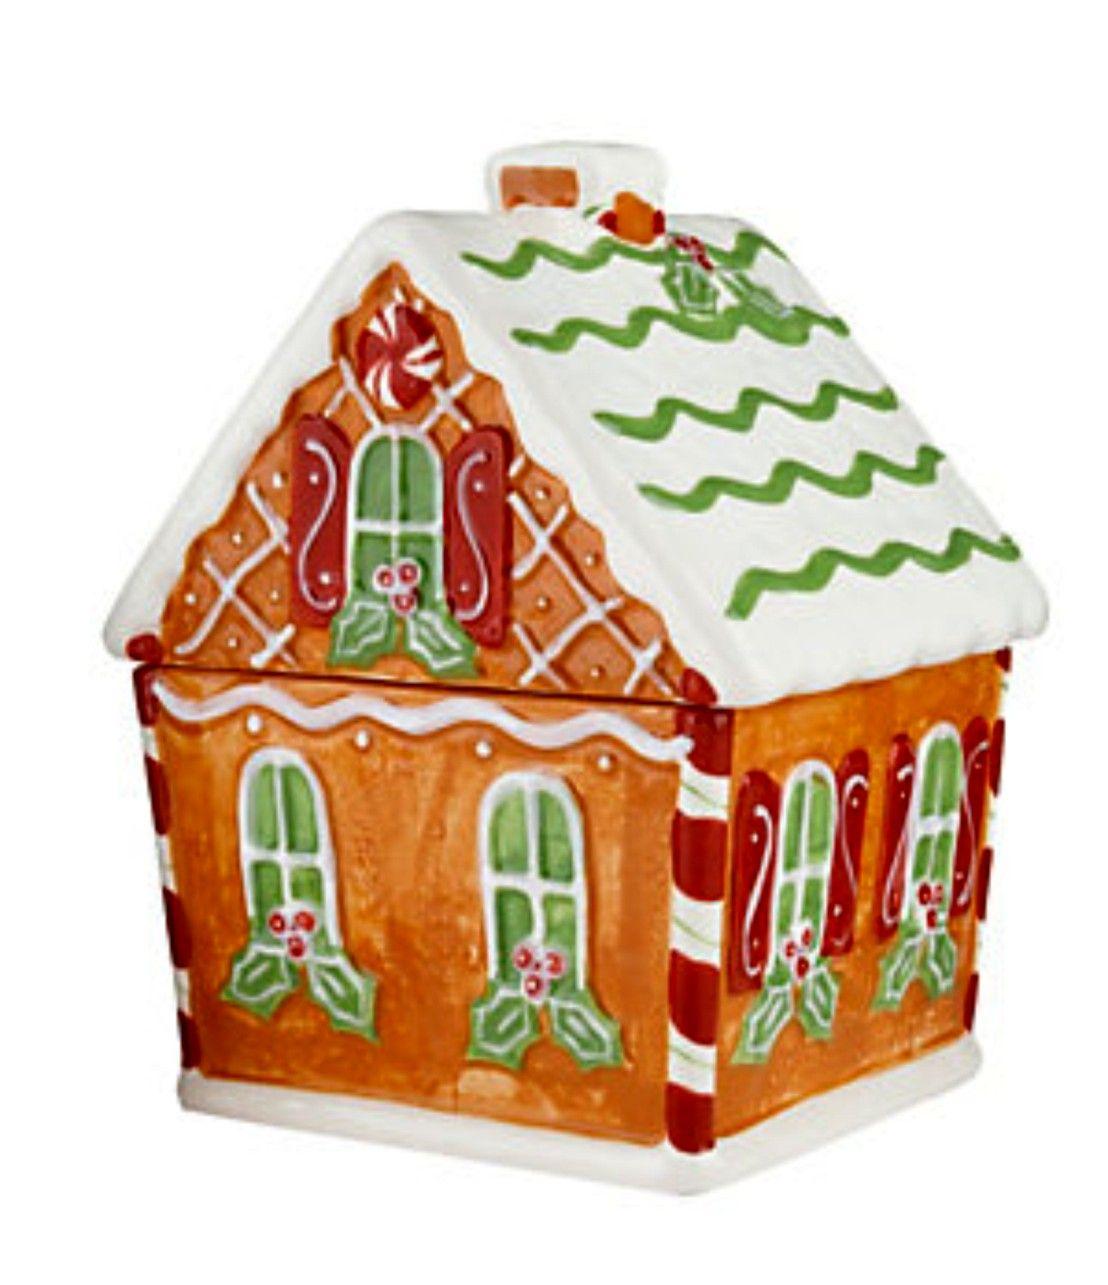 Gingerbread House Cookie Jar Gingerbread house cookies